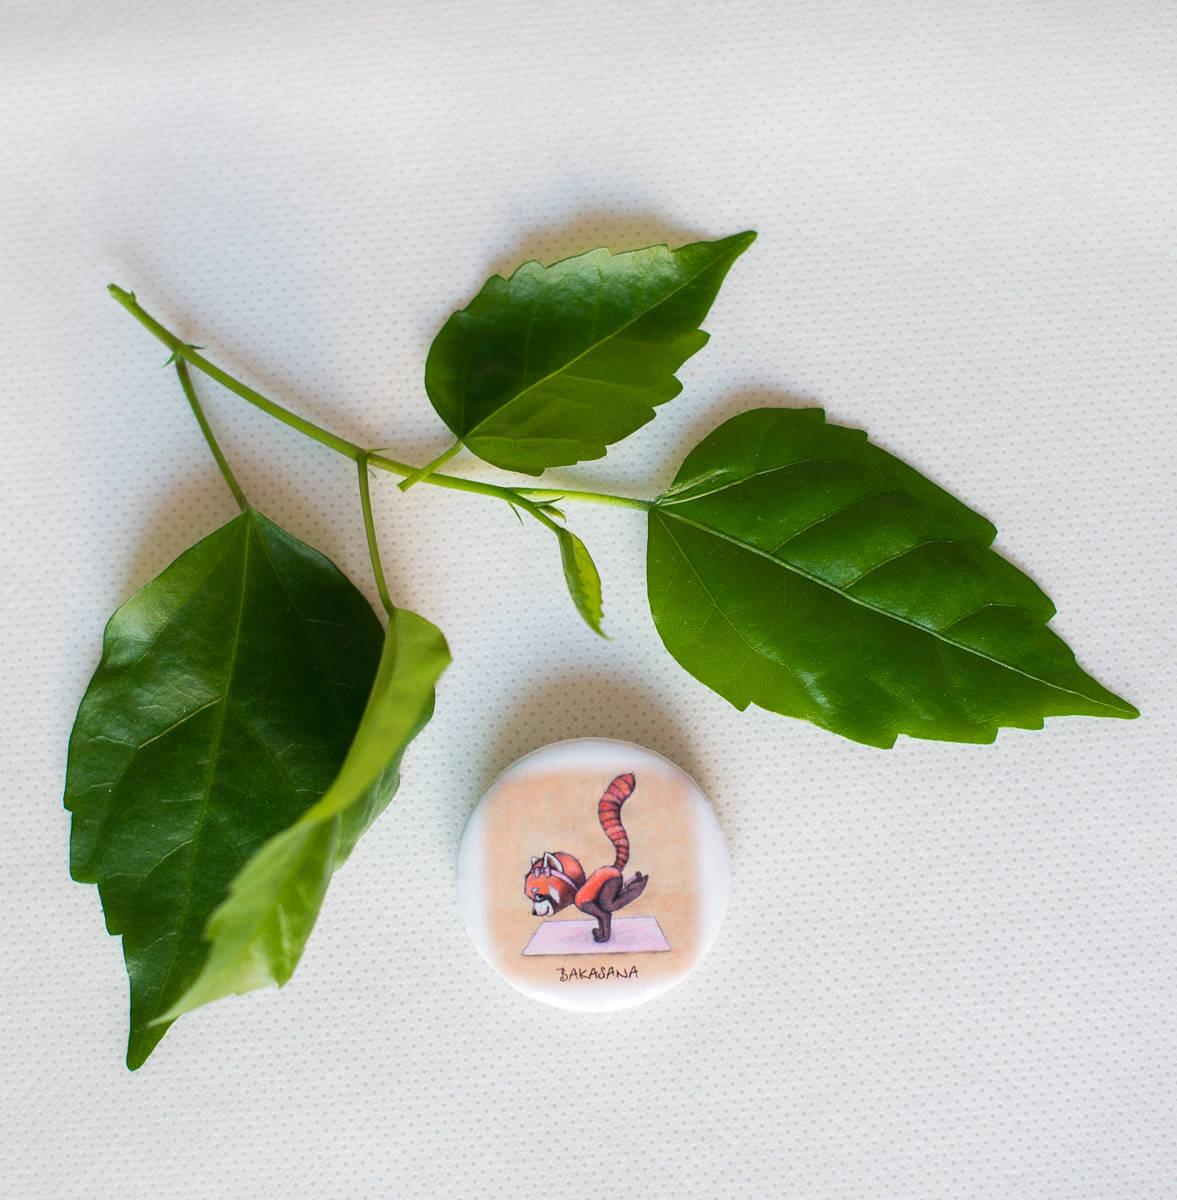 Яркие йога-значки от магазинчика bambinilavka.ru. Приятный маленький приз для юных йогов. А найти эти милые вещички вы сможете на фестивале OrganicFest.